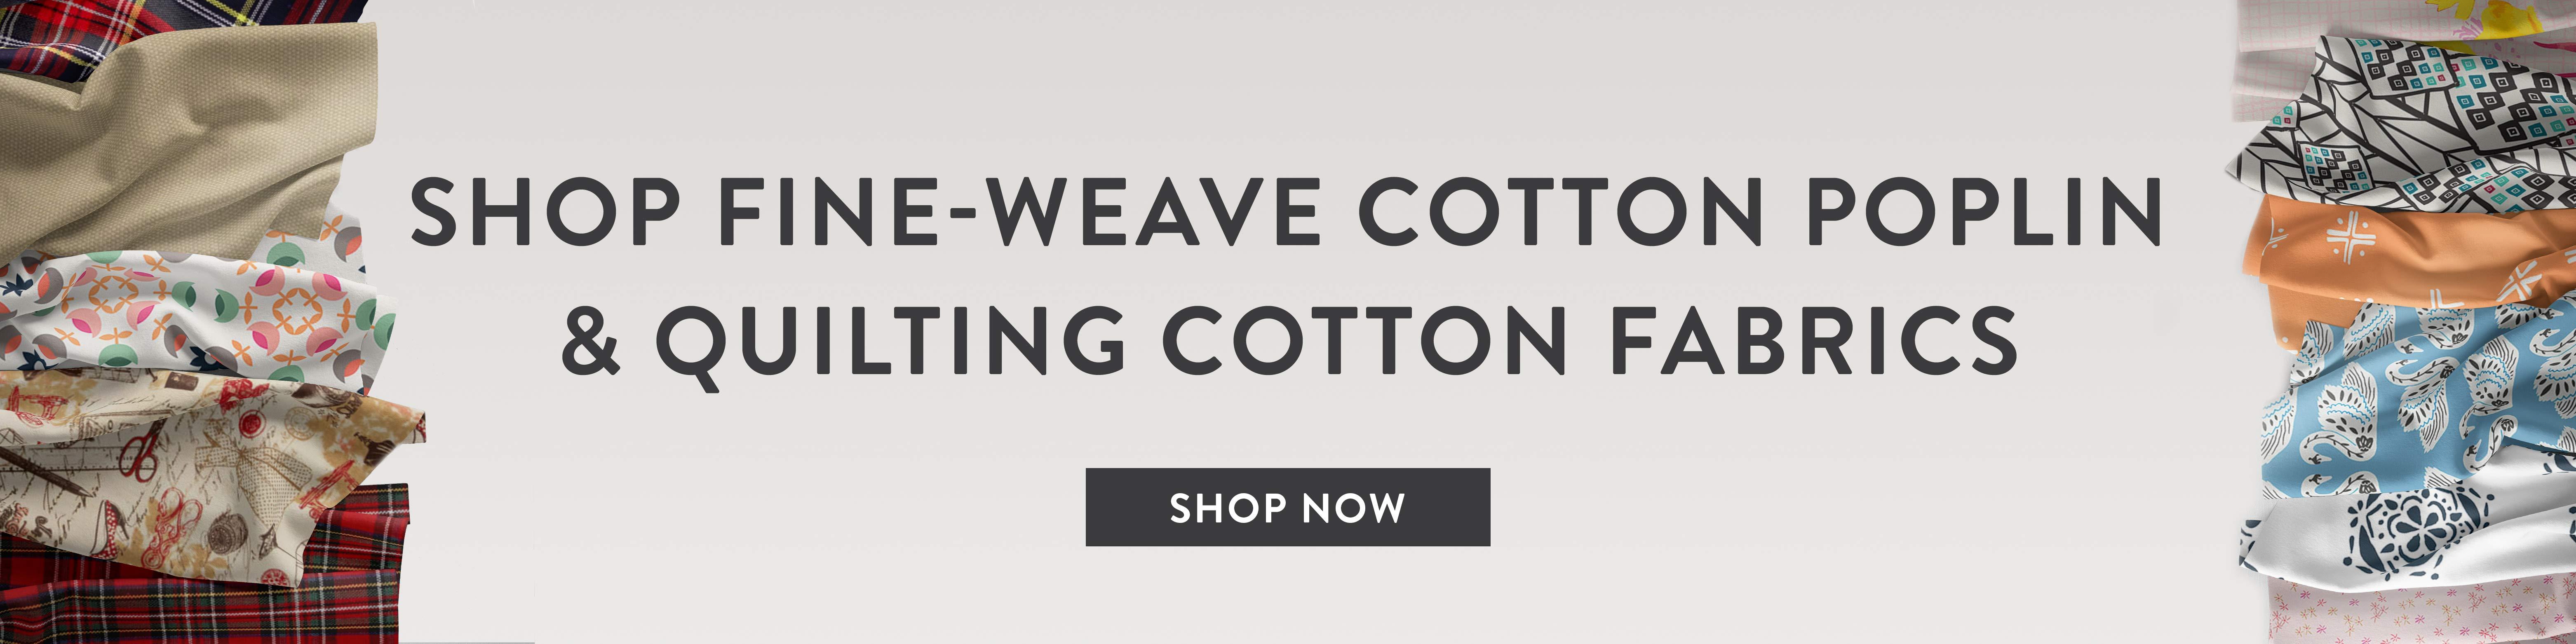 Cotton poplin and premium quilting cotton